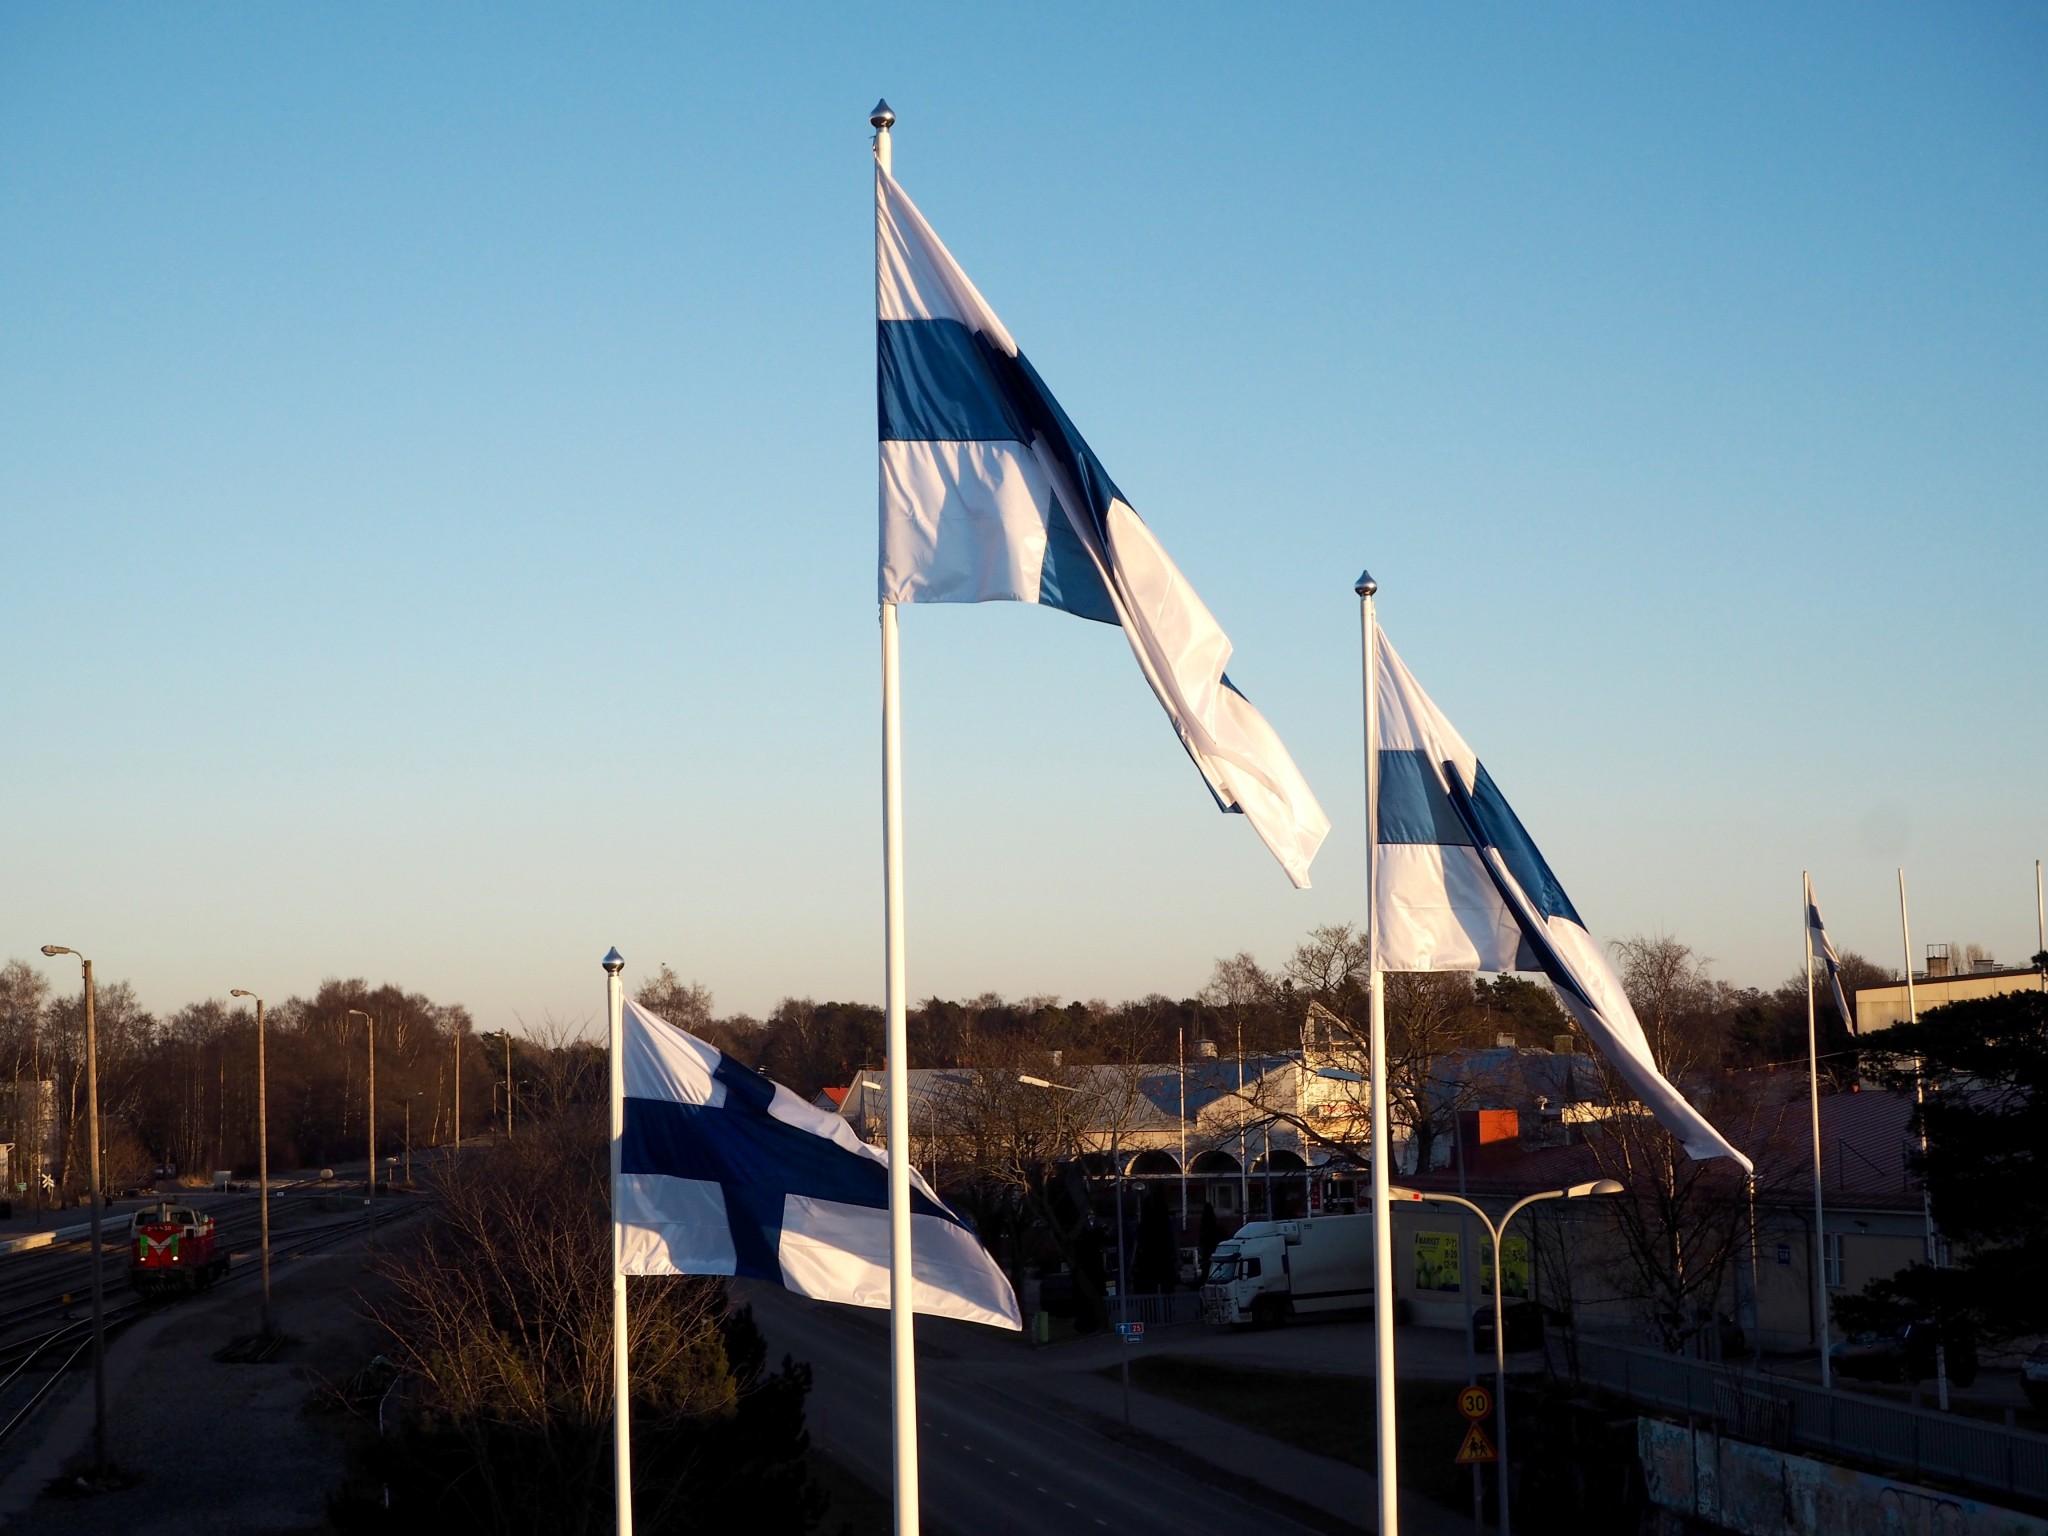 Ruotsin Matkatoimistot